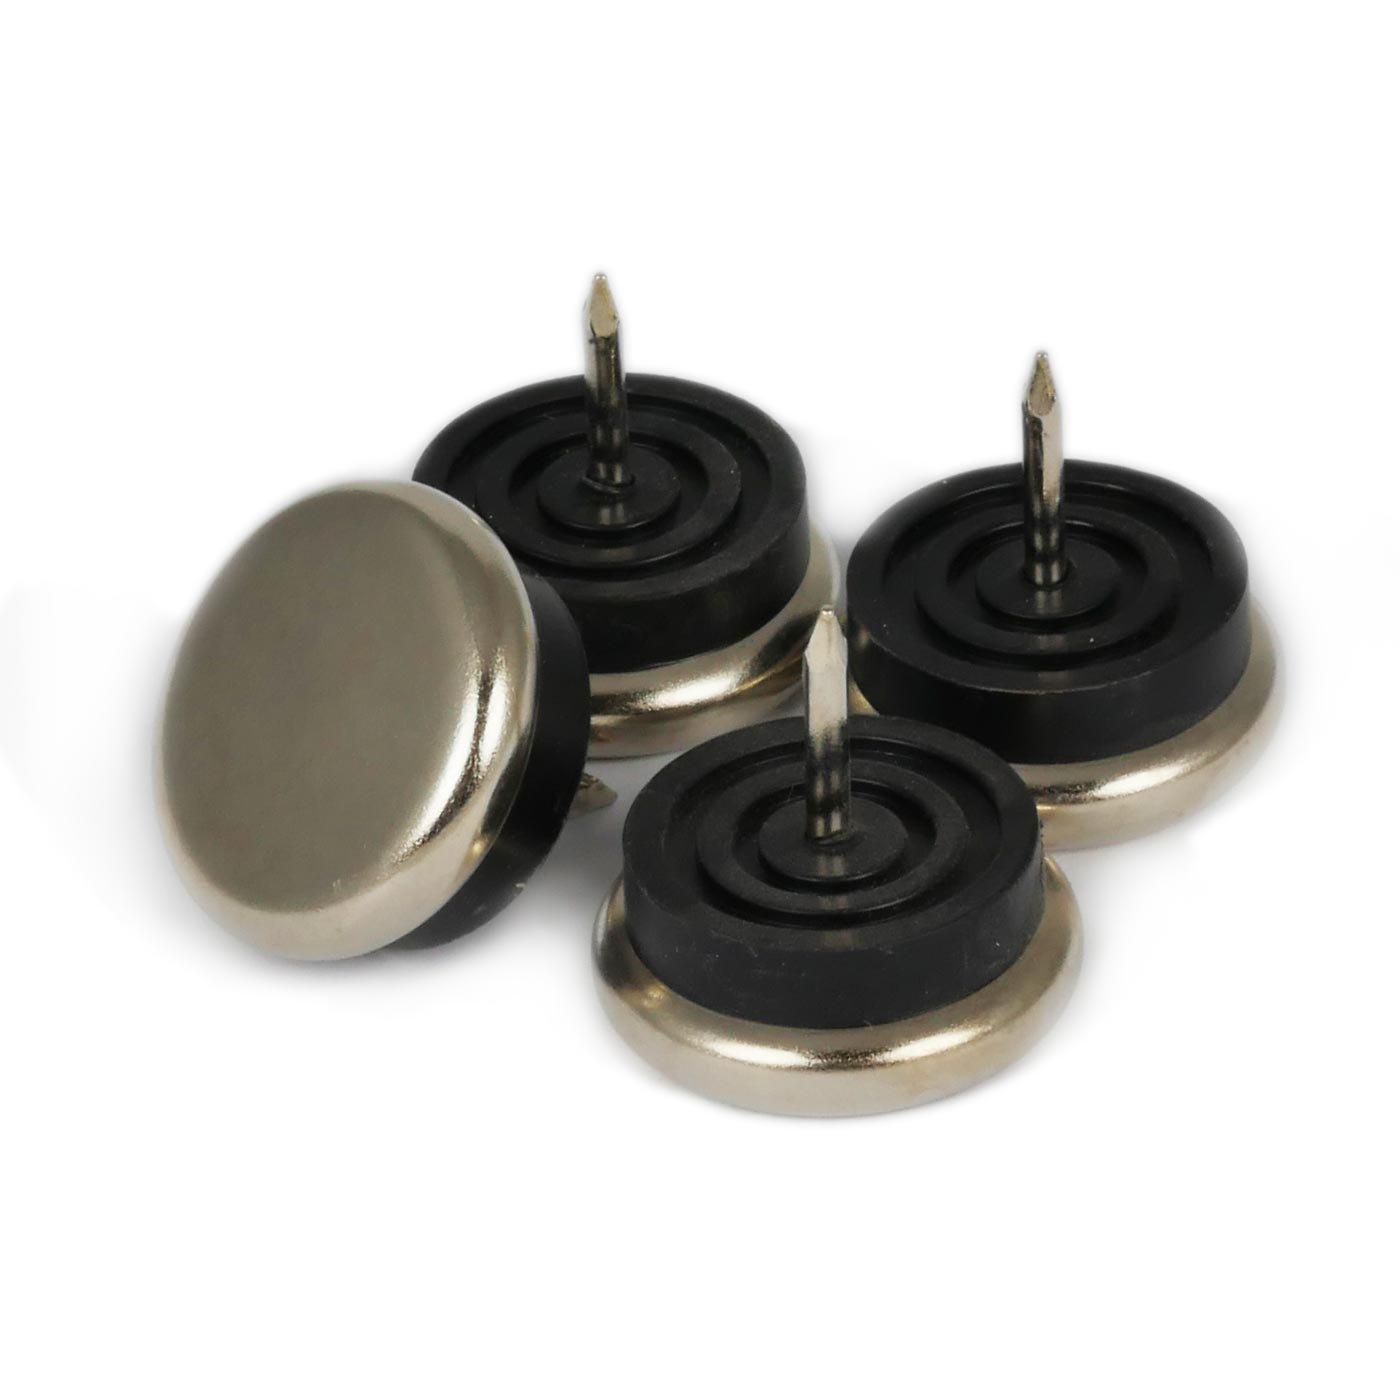 Pattini Feltrini Pellicole Protettivi Tappetini di metallo di alta qualità con chiodo e tampone gommino, 20 mm Ø, 5 mm spessore - 8 pezzi